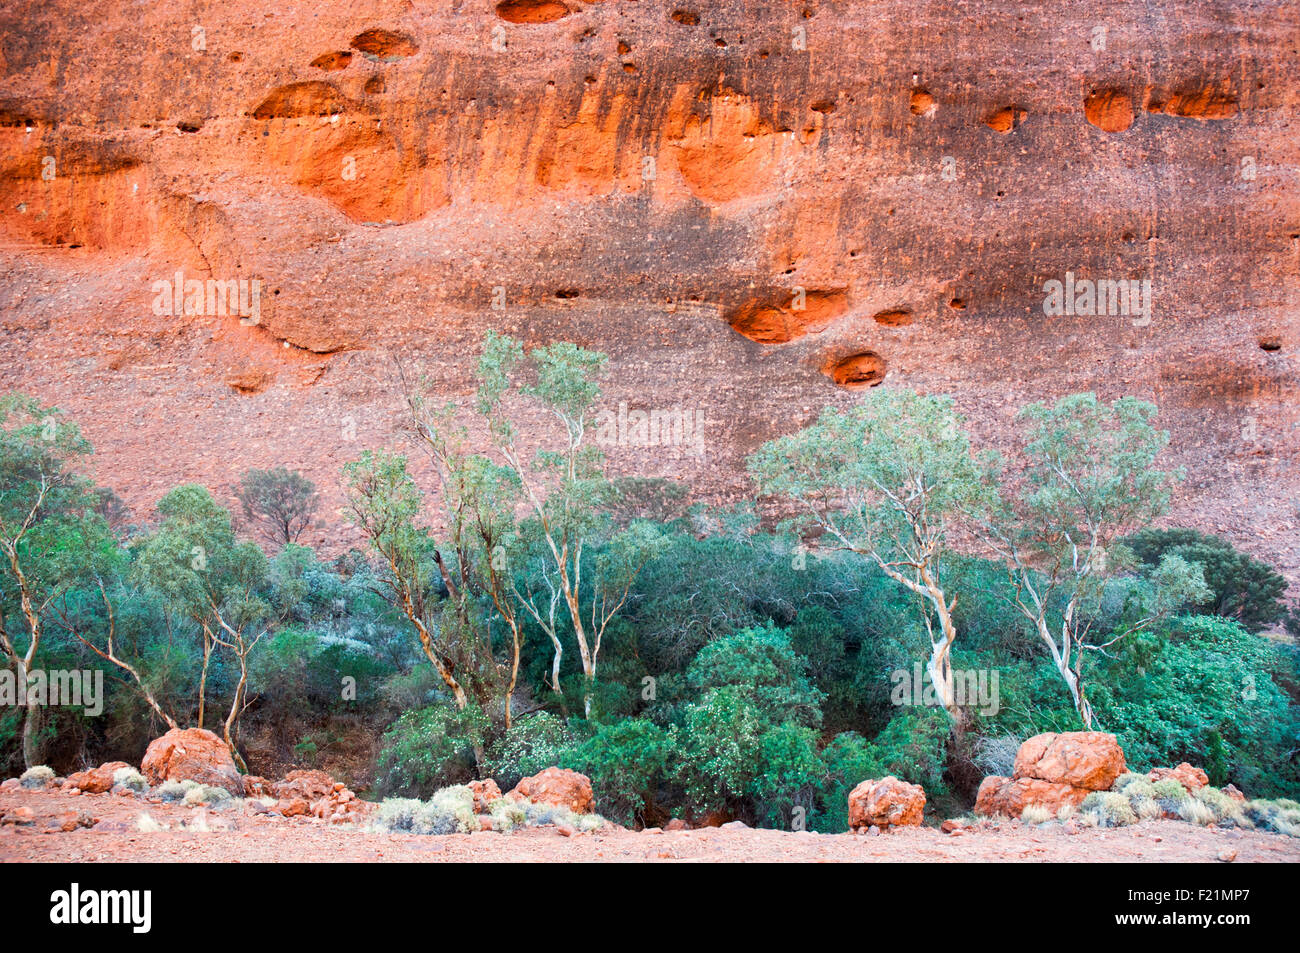 Temprano por la mañana en Walpa Gorge, Kata Tjuta (las Olgas), Australia Central Imagen De Stock